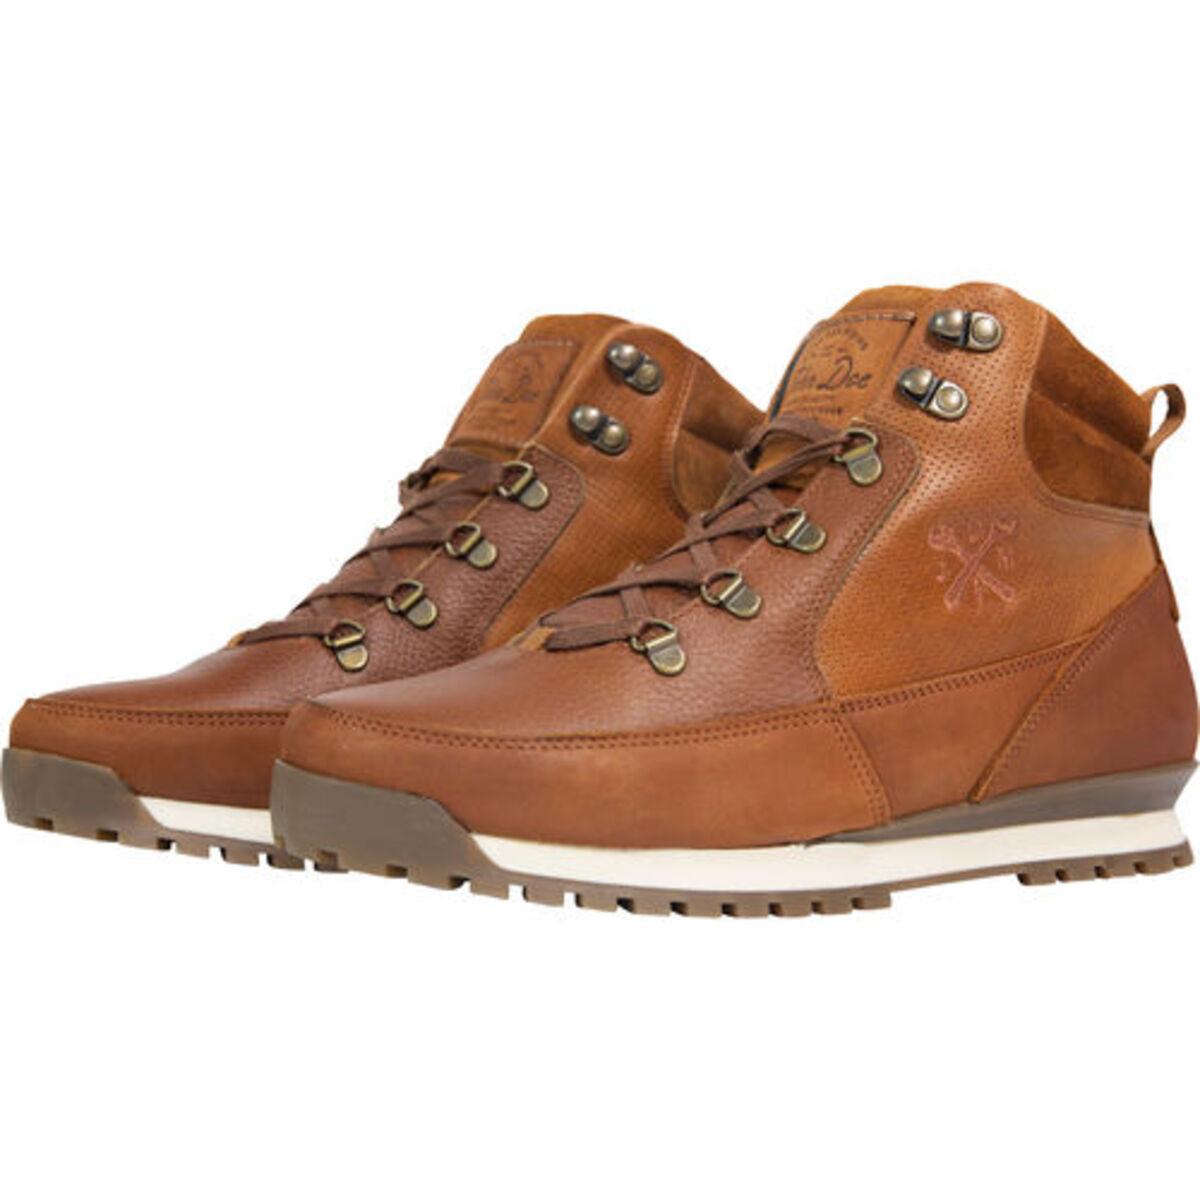 Bild 1 von Overland Schuh